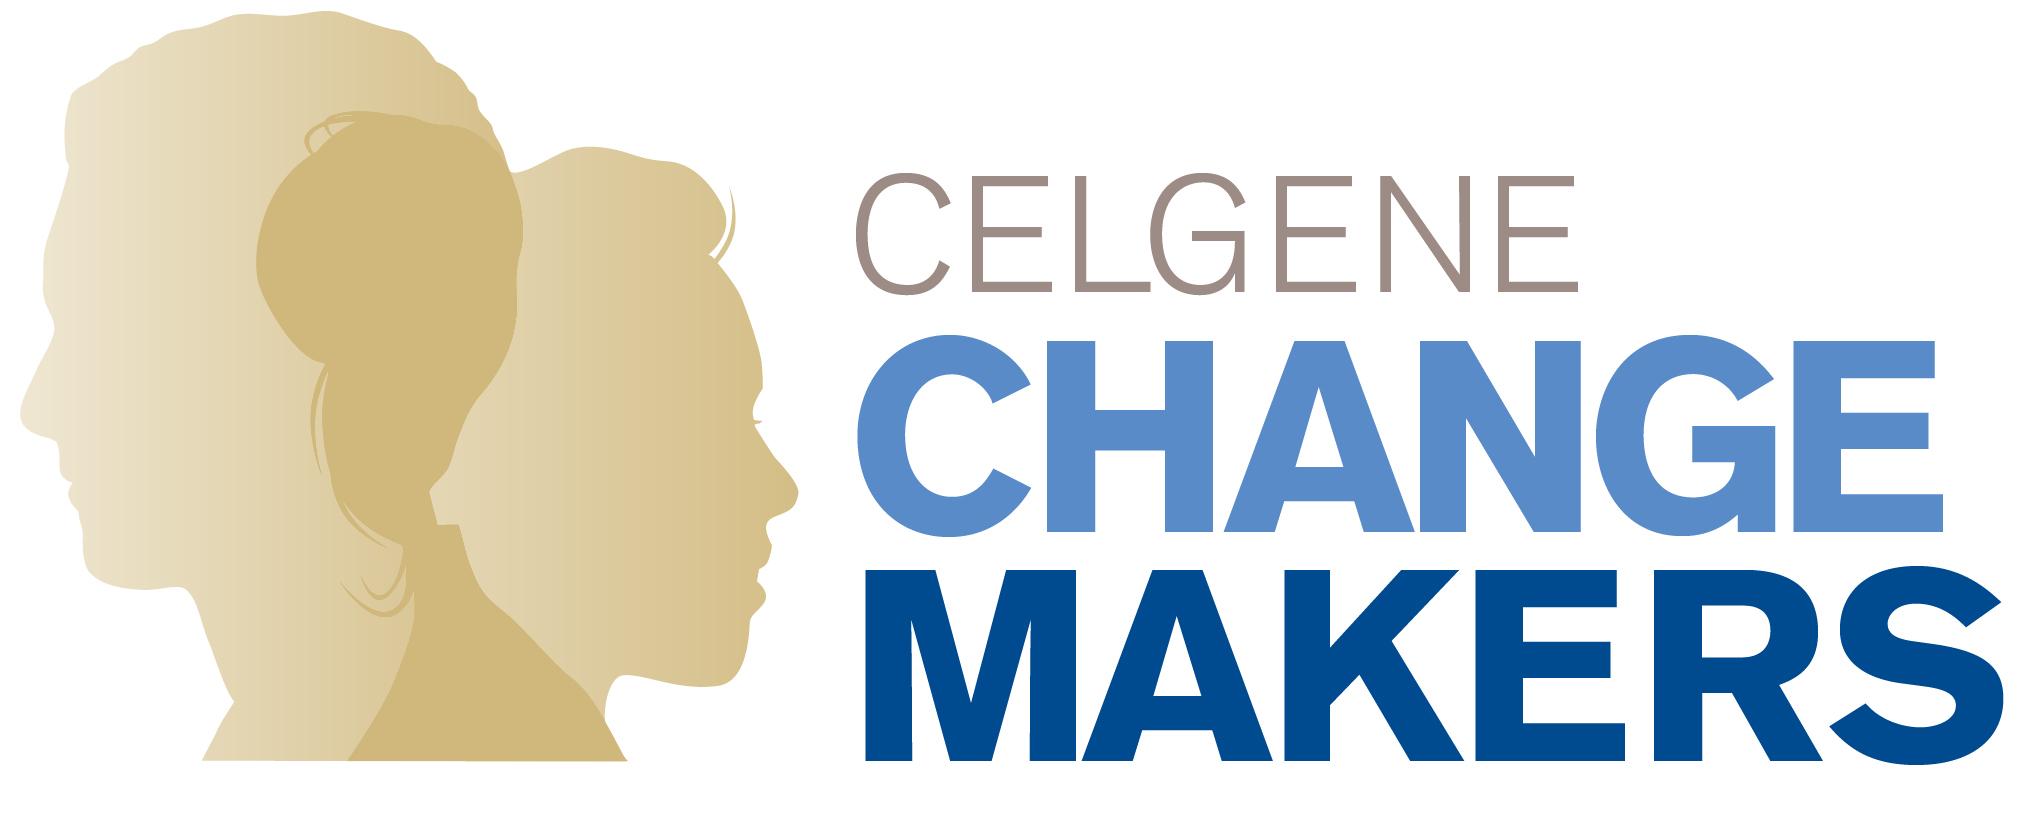 Celgene Changemaker logo